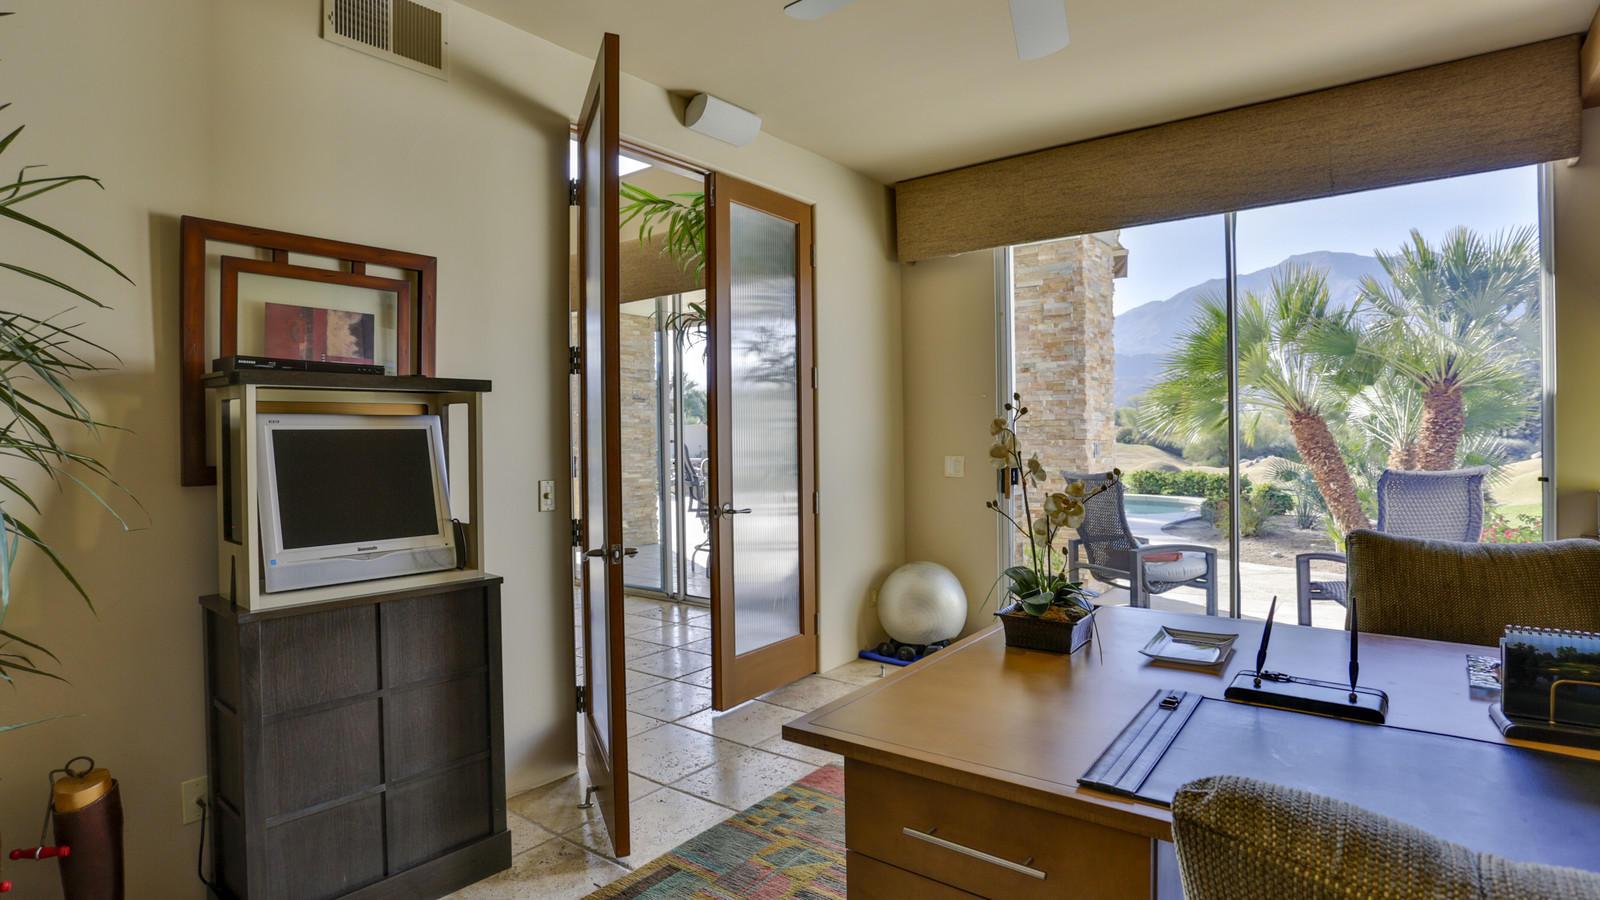 56625 Riviera, La Quinta, California 92253, 4 Bedrooms Bedrooms, ,5 BathroomsBathrooms,Residential,For Sale,56625 Riviera,219036765